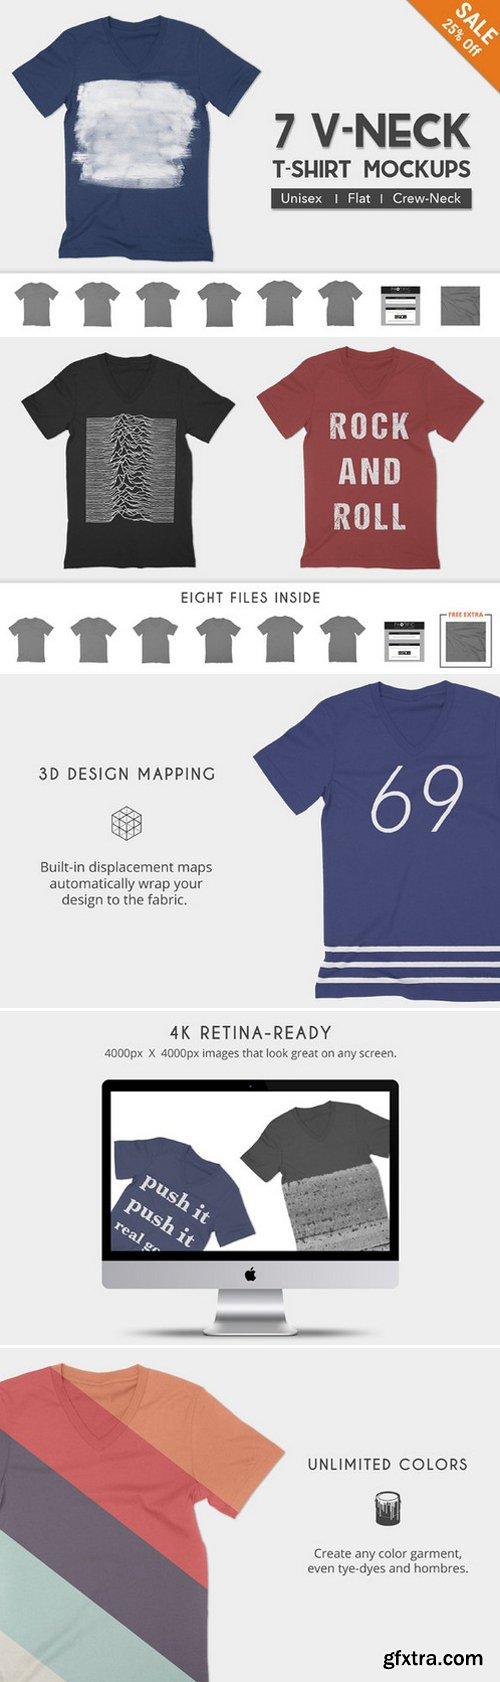 CM - V-Neck T-Shirt Apparel Mockups 347234